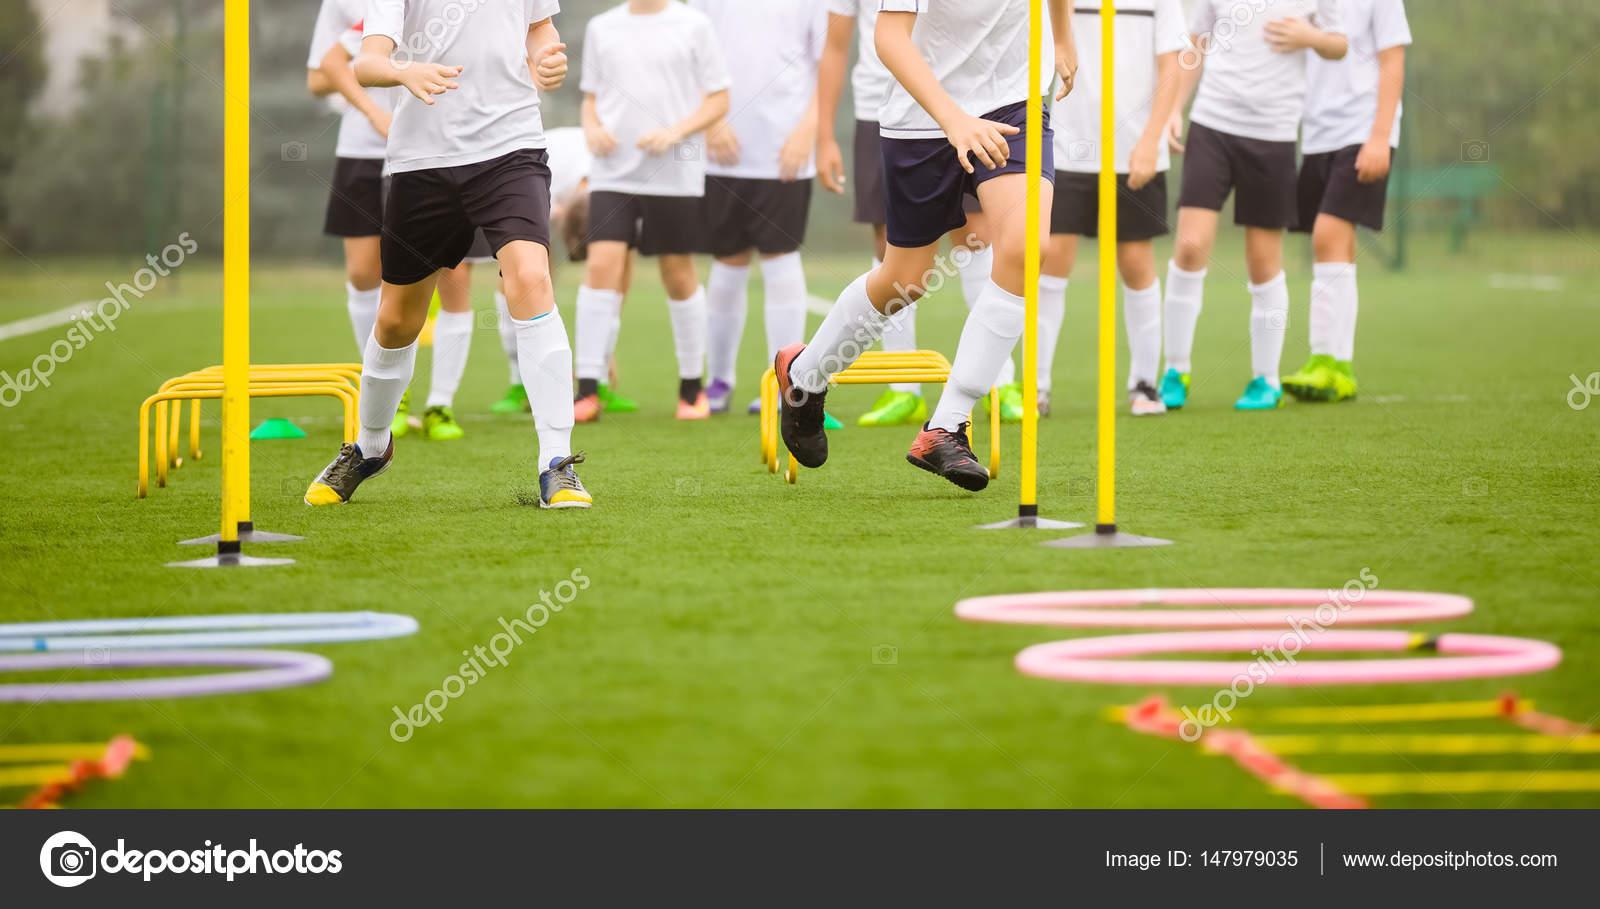 Fussball Fahigkeiten Trainingseinheit Spieler Training Auf